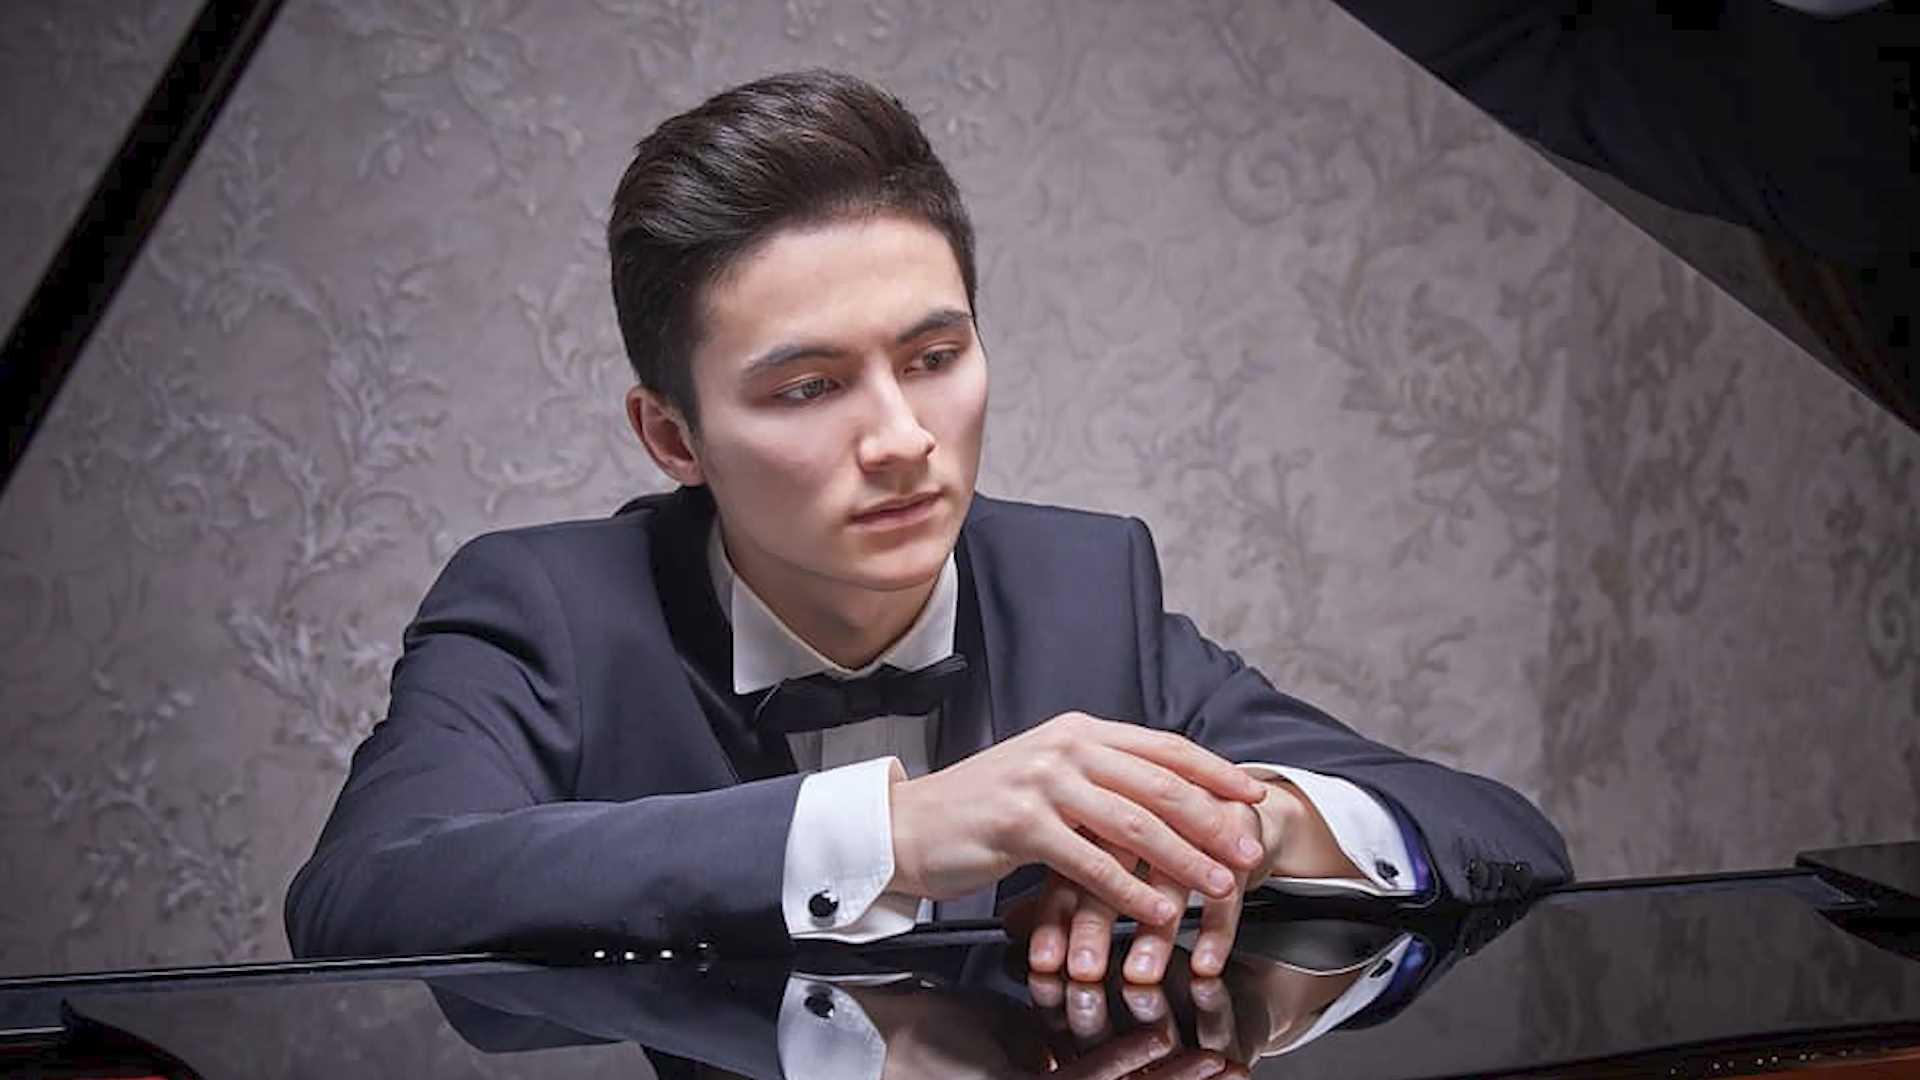 менее часа назад                                                                                                                                                                                                                                                                                               Костромичей приглашают на вечера Бёзендорфер                                                                Приобщиться к классике фортепианного репертуара и познакомиться с новыми исполнителями смогут костромичи в Доме музыки губернского симфонического оркестра.